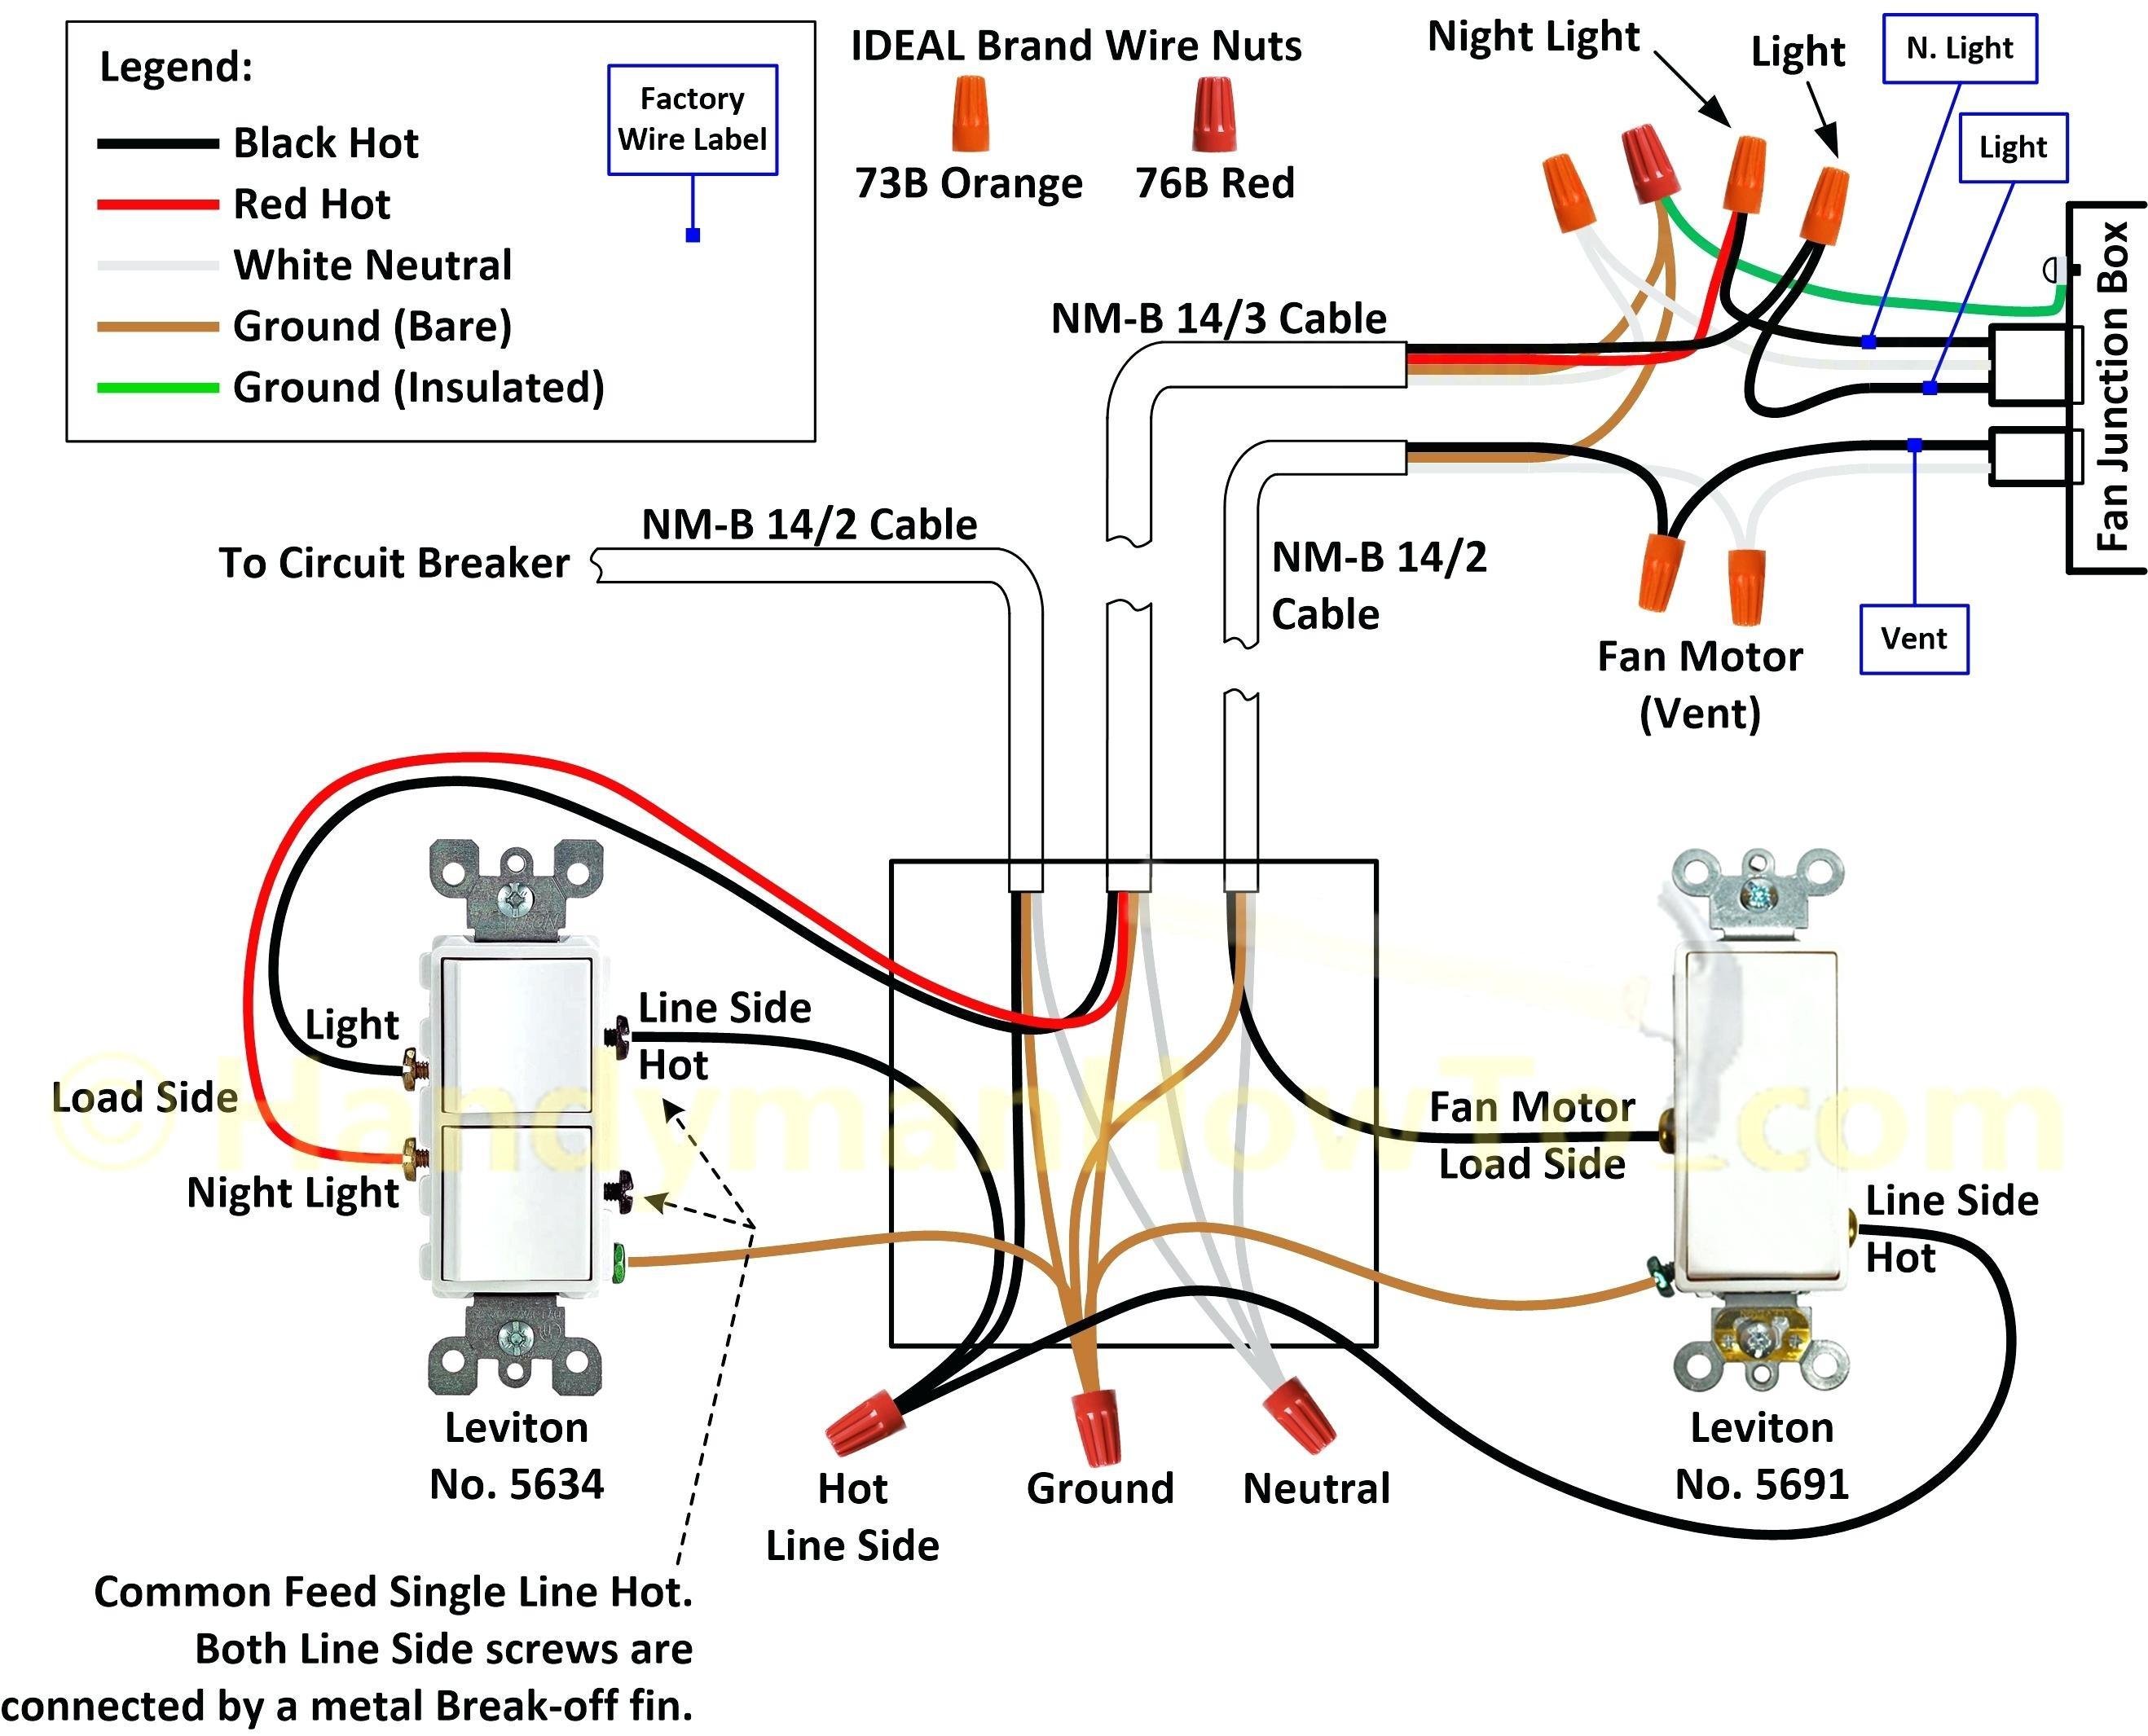 Tg 8873 Fan Light Switch Wiring Diagram On 2 Way Dimmer Switch Wiring Diagram Schematic Wiring